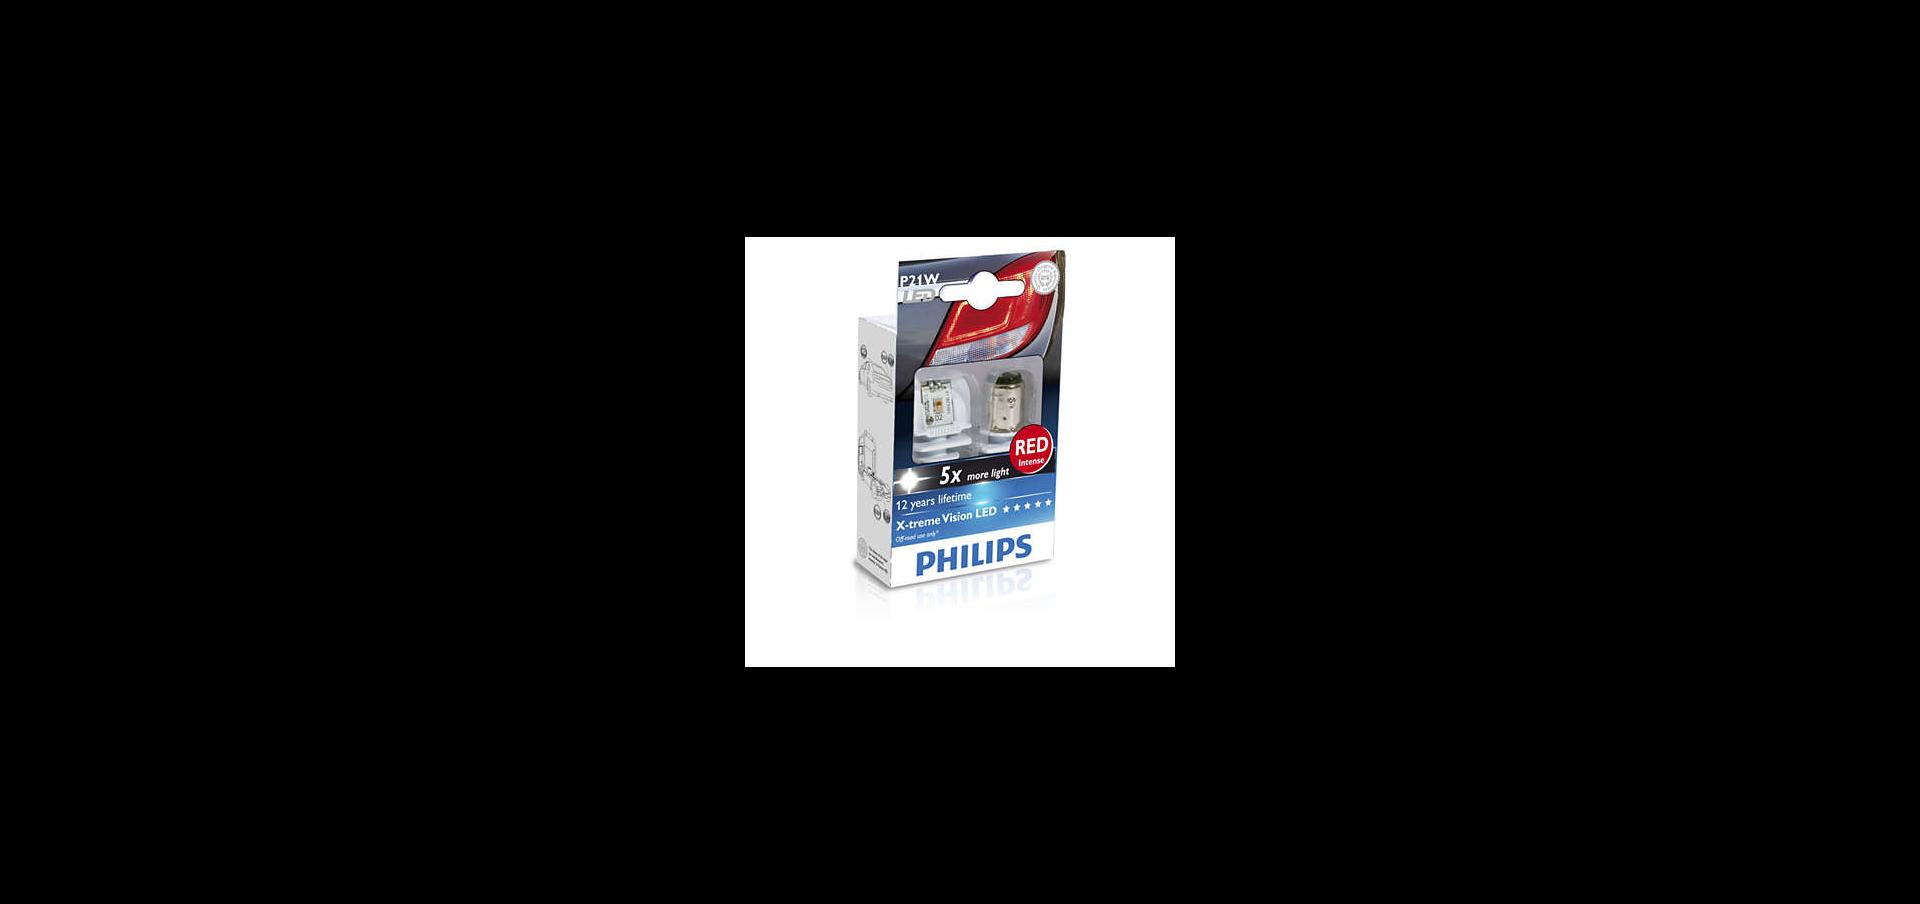 PHILIPS Лампа автомобильная галогенная P21W 12V 21 W X-Treme Vision LED Red, 2 шт.